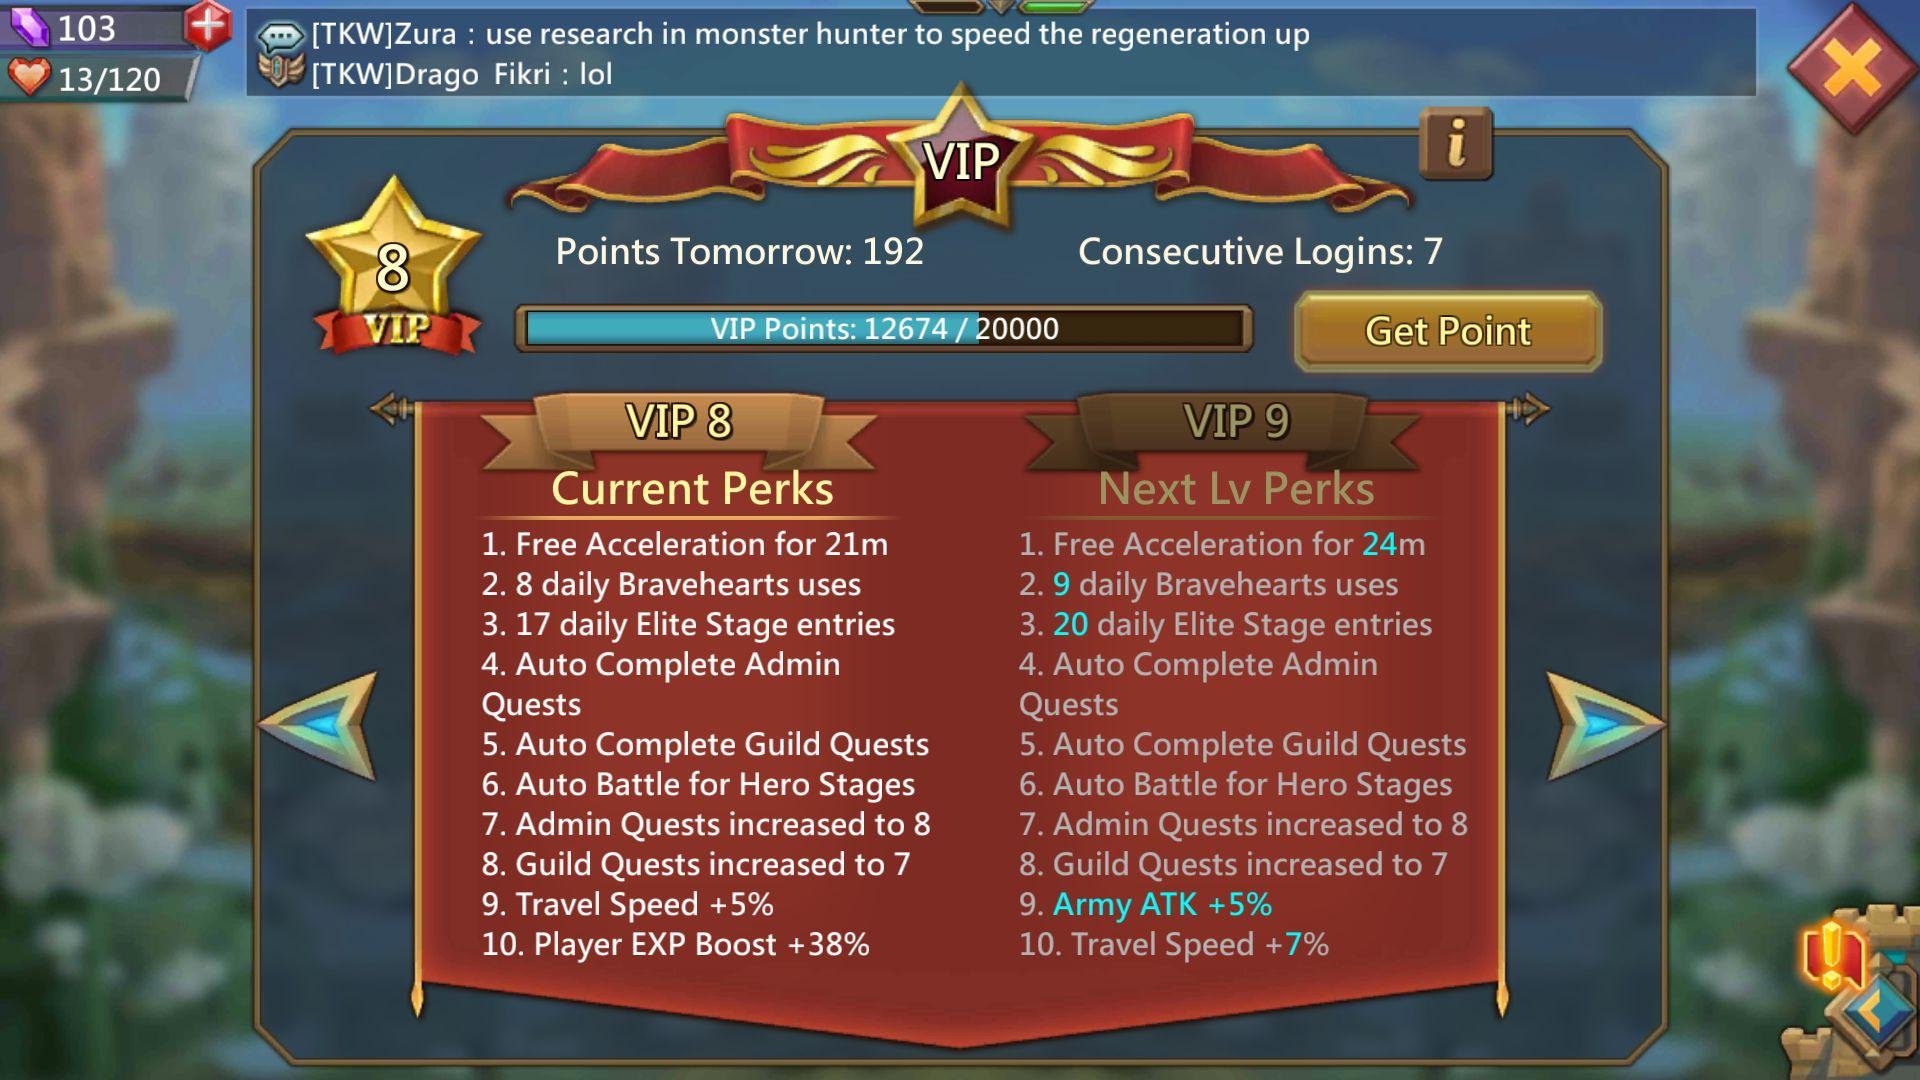 Hướng dẫn chiến thuật cơ bản của tân thủ Lords Mobile | Mẹo chơi (2)